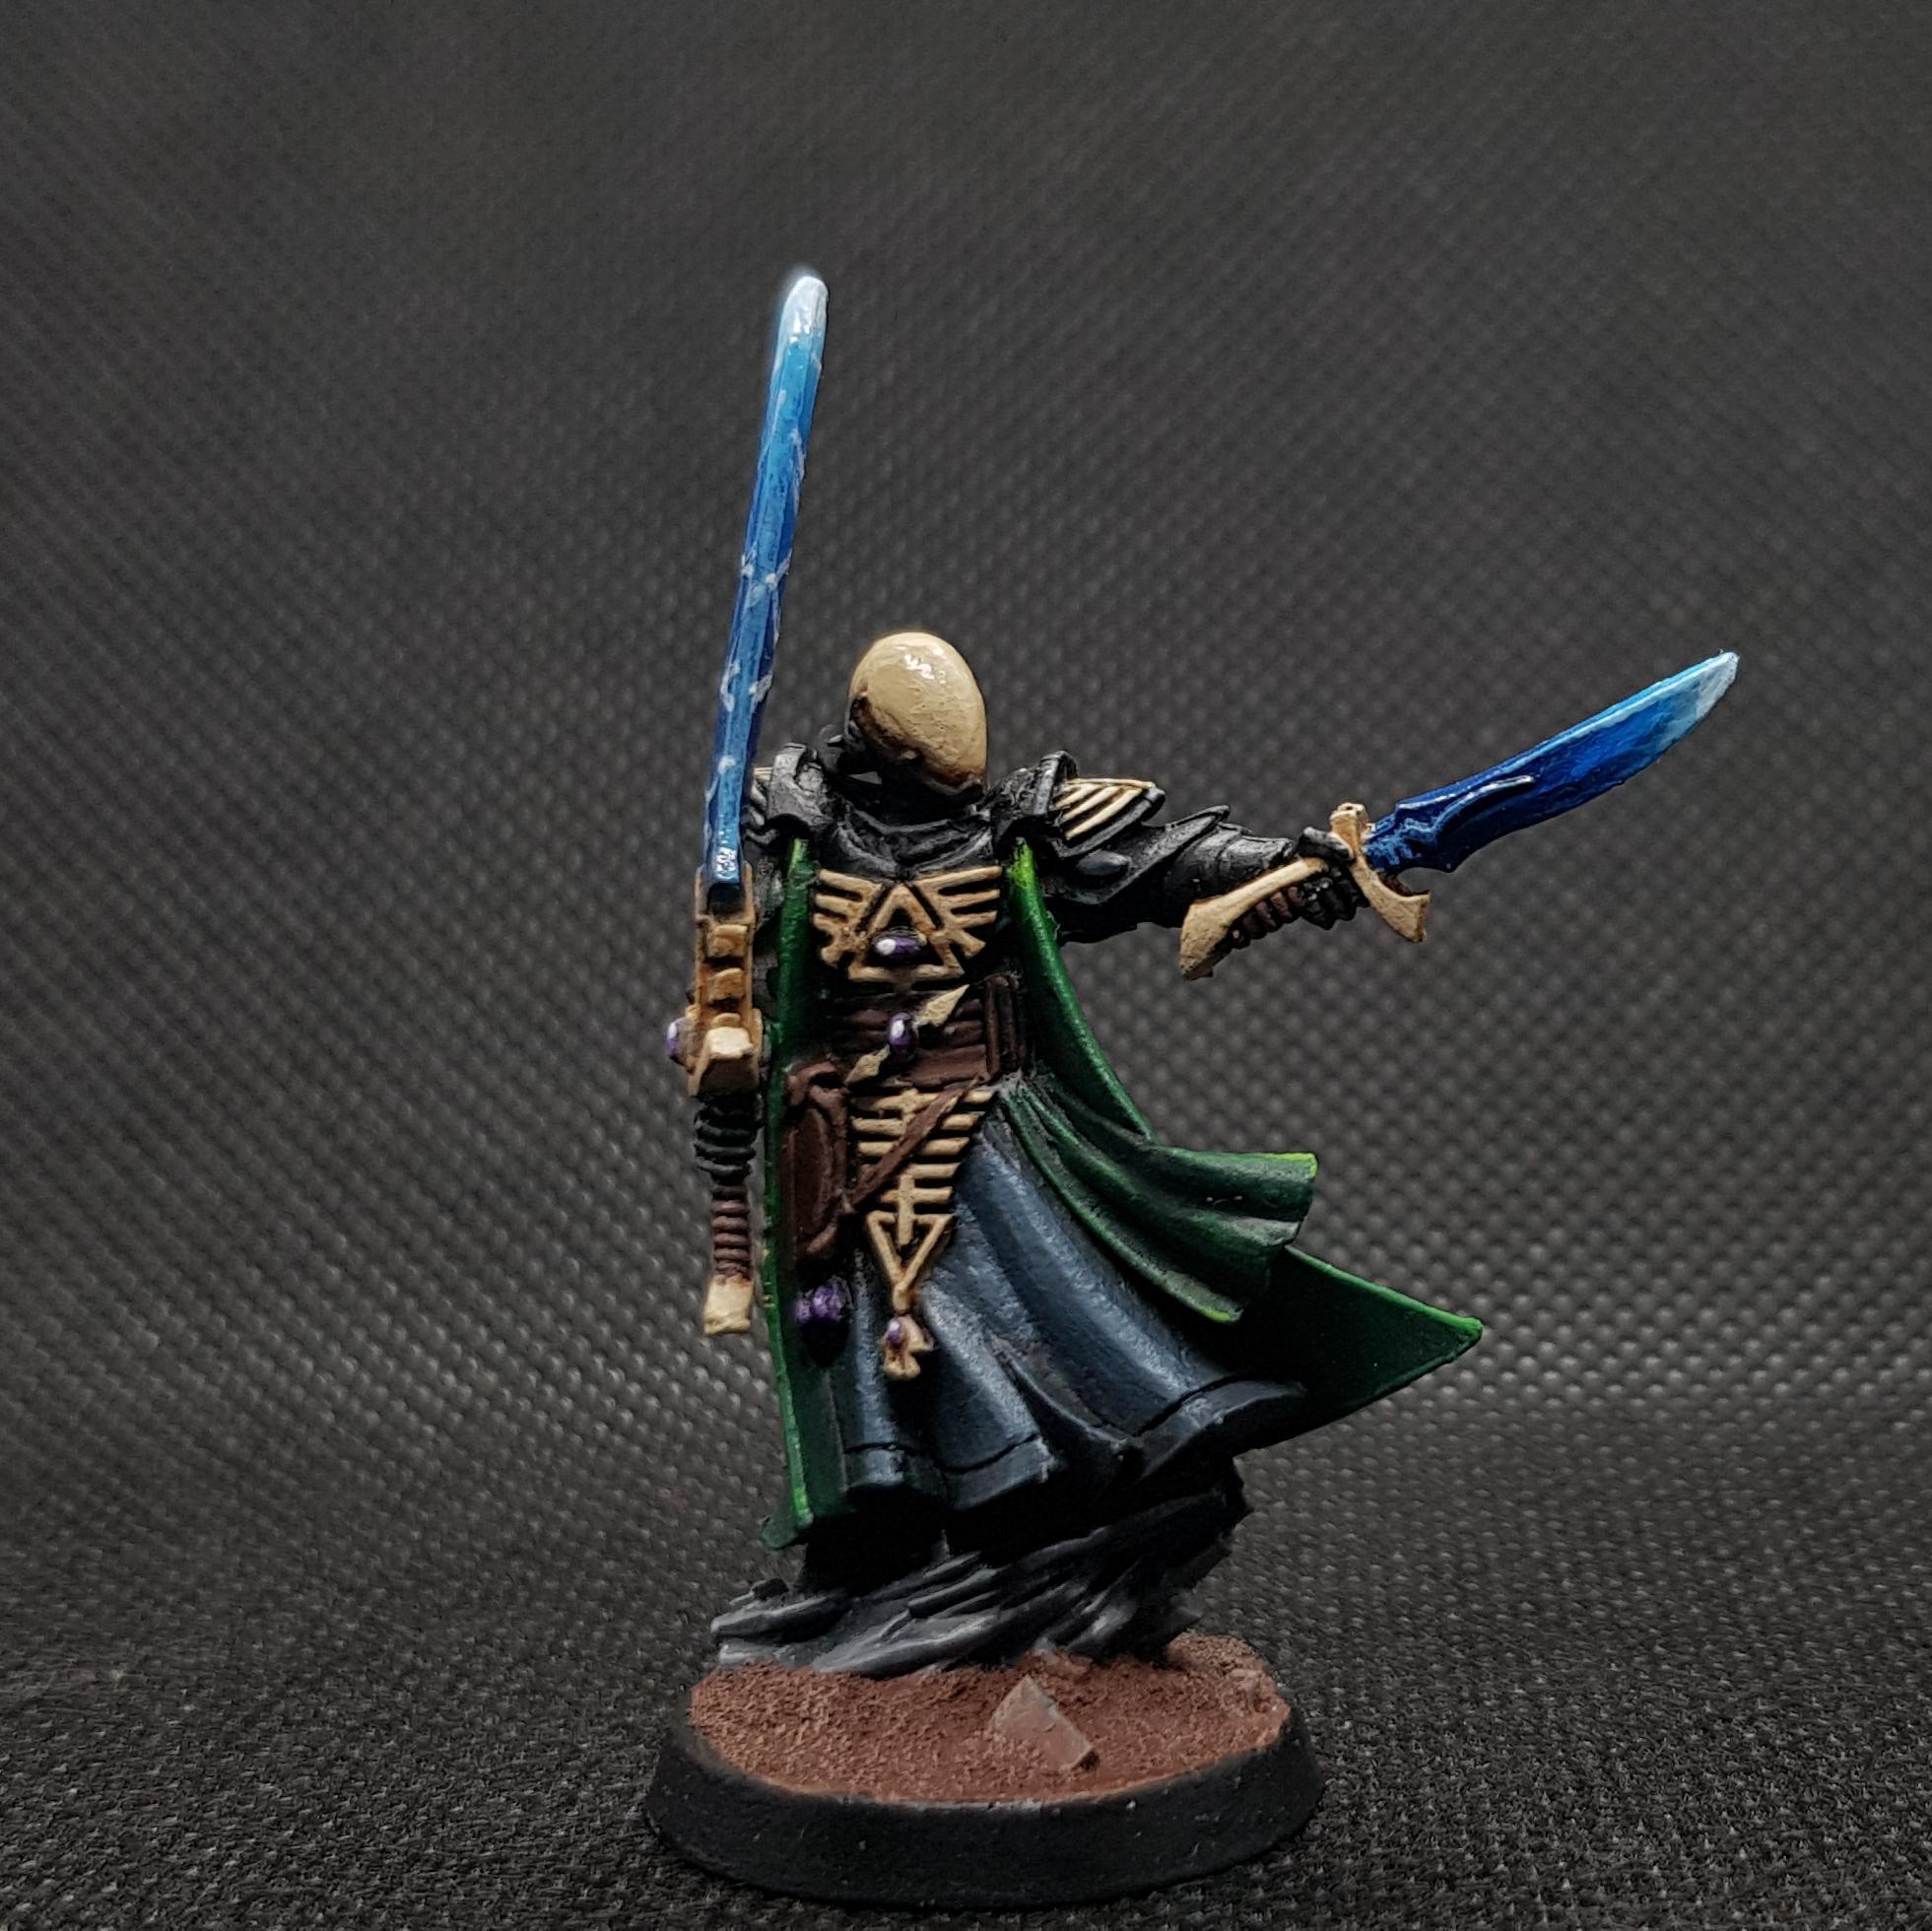 Aeldari, Asuryani, Craftworld, Craftworlds, Eldar, Warhammer 40,000, Warhammer Fantasy